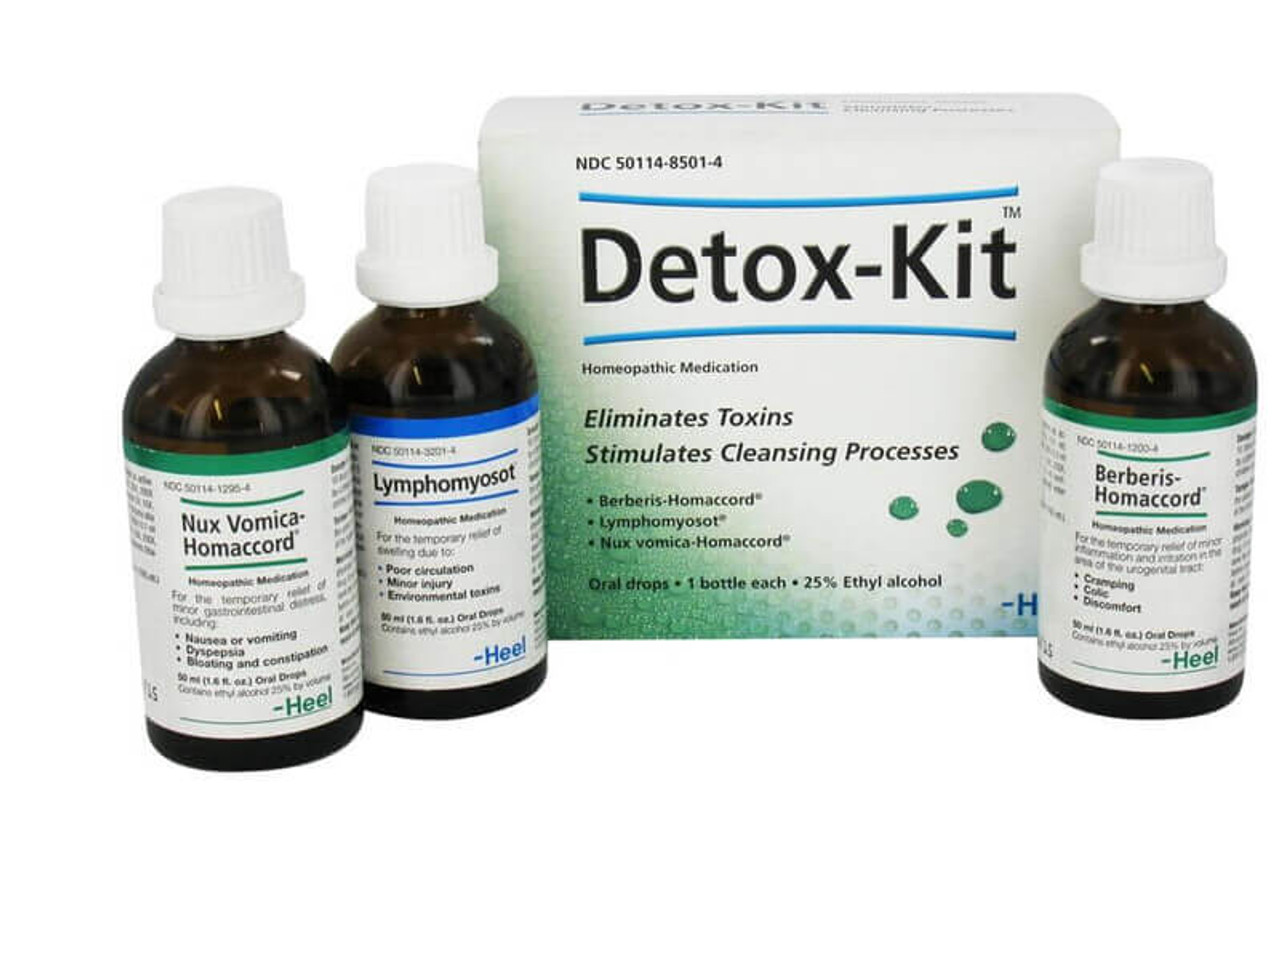 Detox-Kit Body Anew